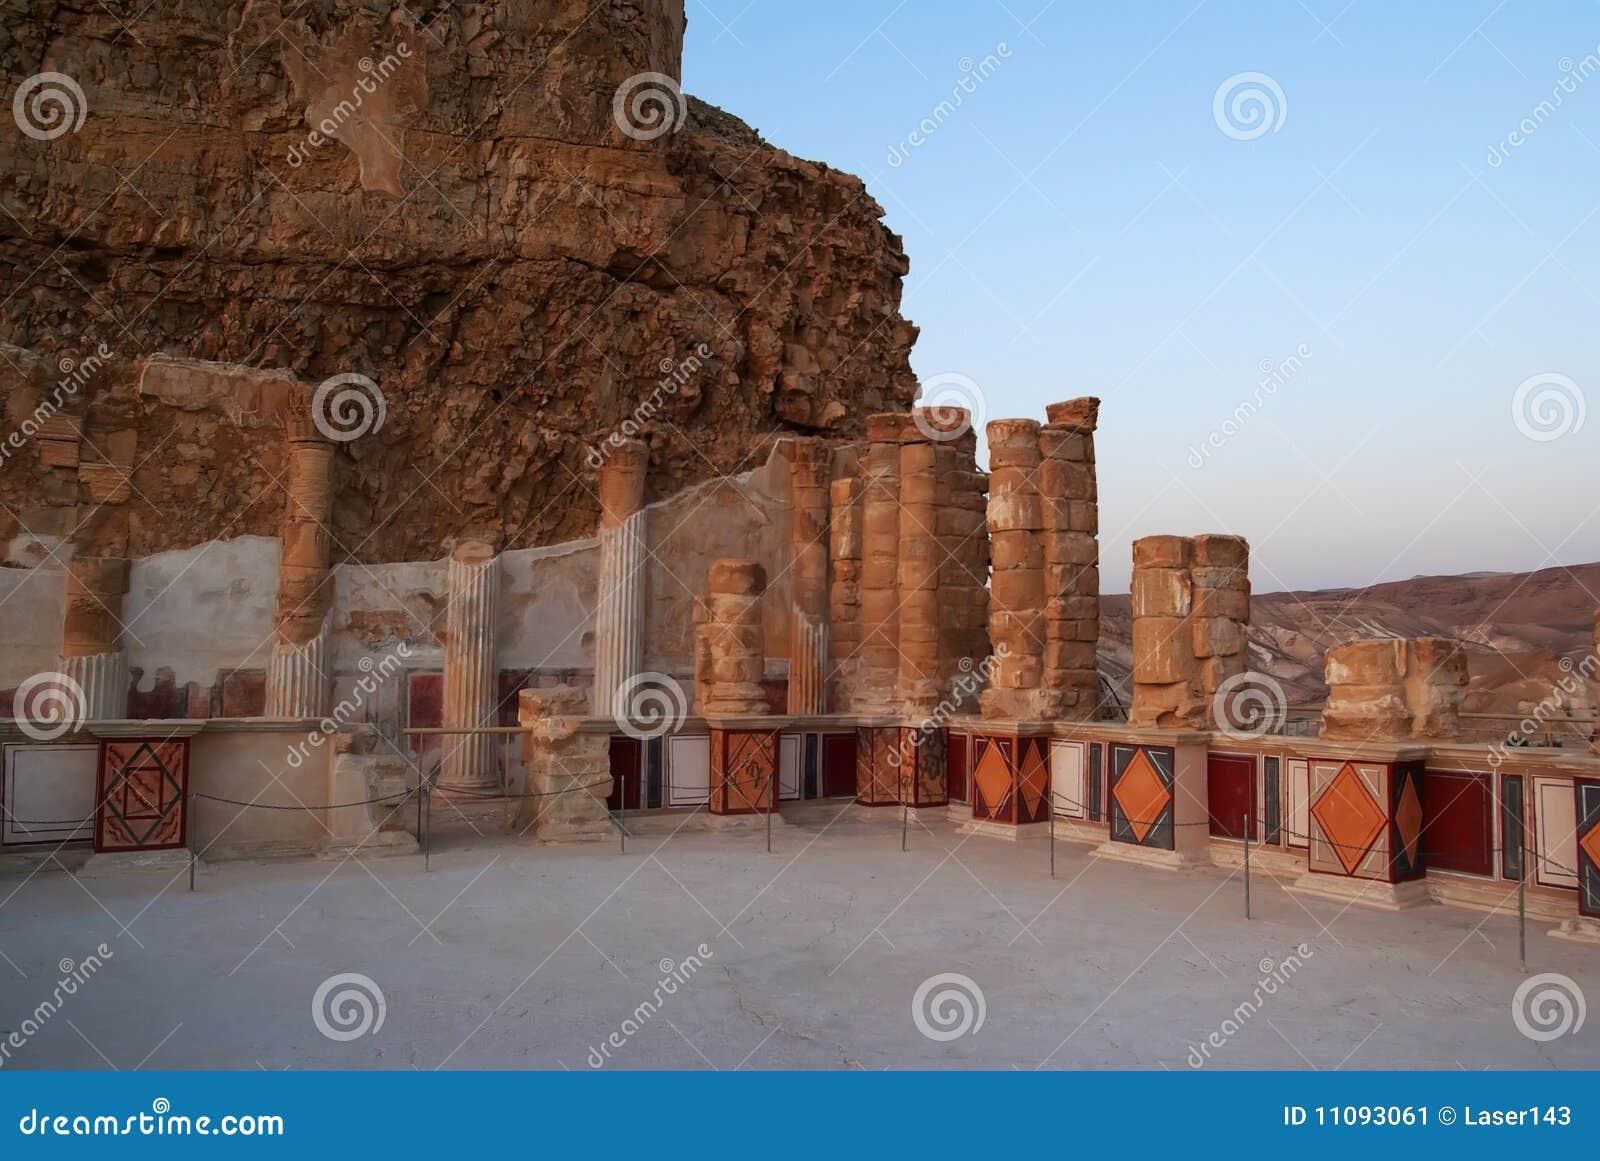 Palácio do rei Herod